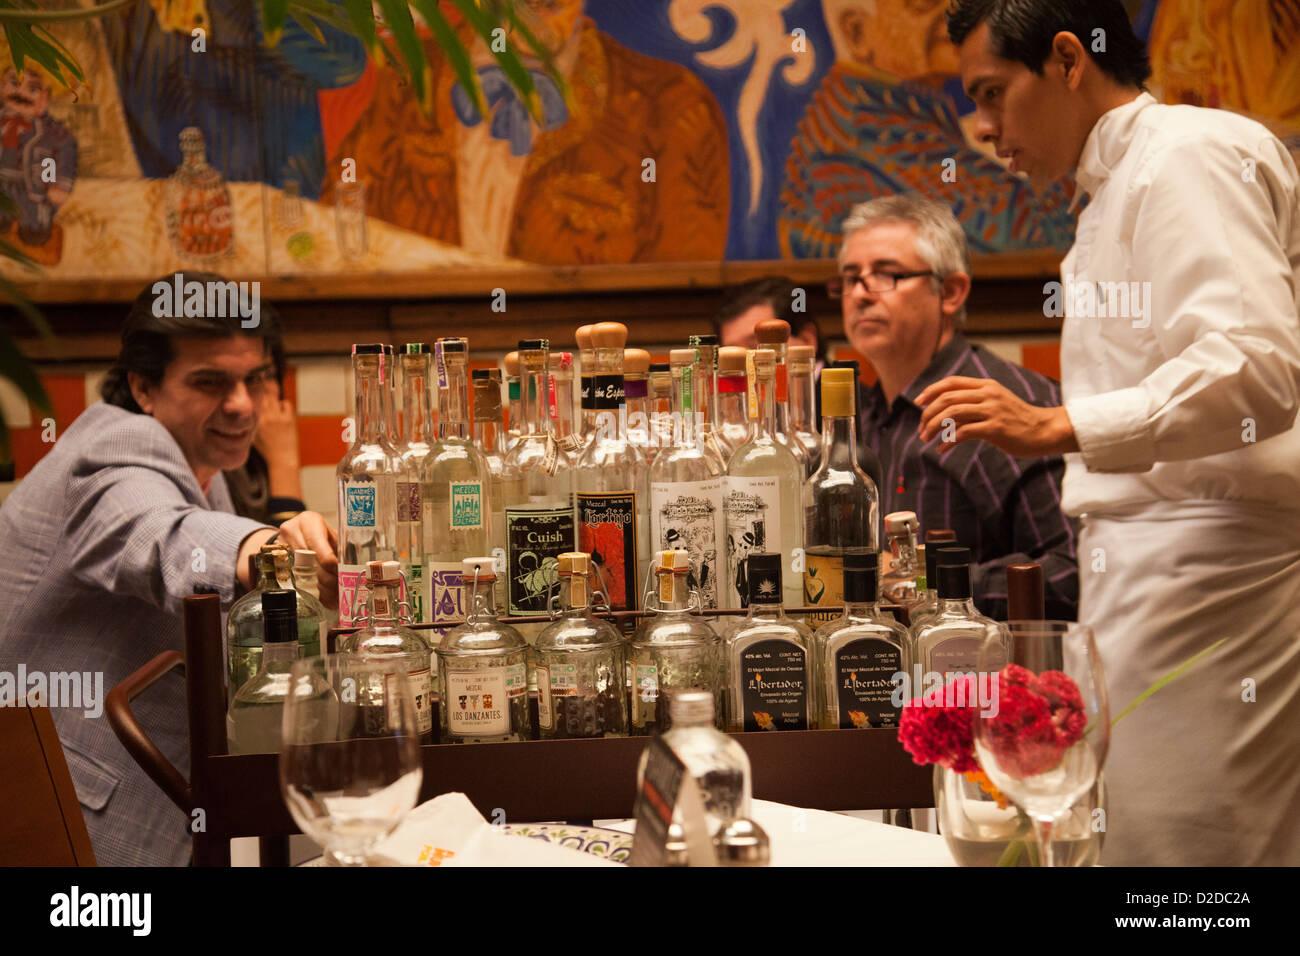 El Mural De Los Poblanos En Puebla Restaurante Sirviendo El Mezcal